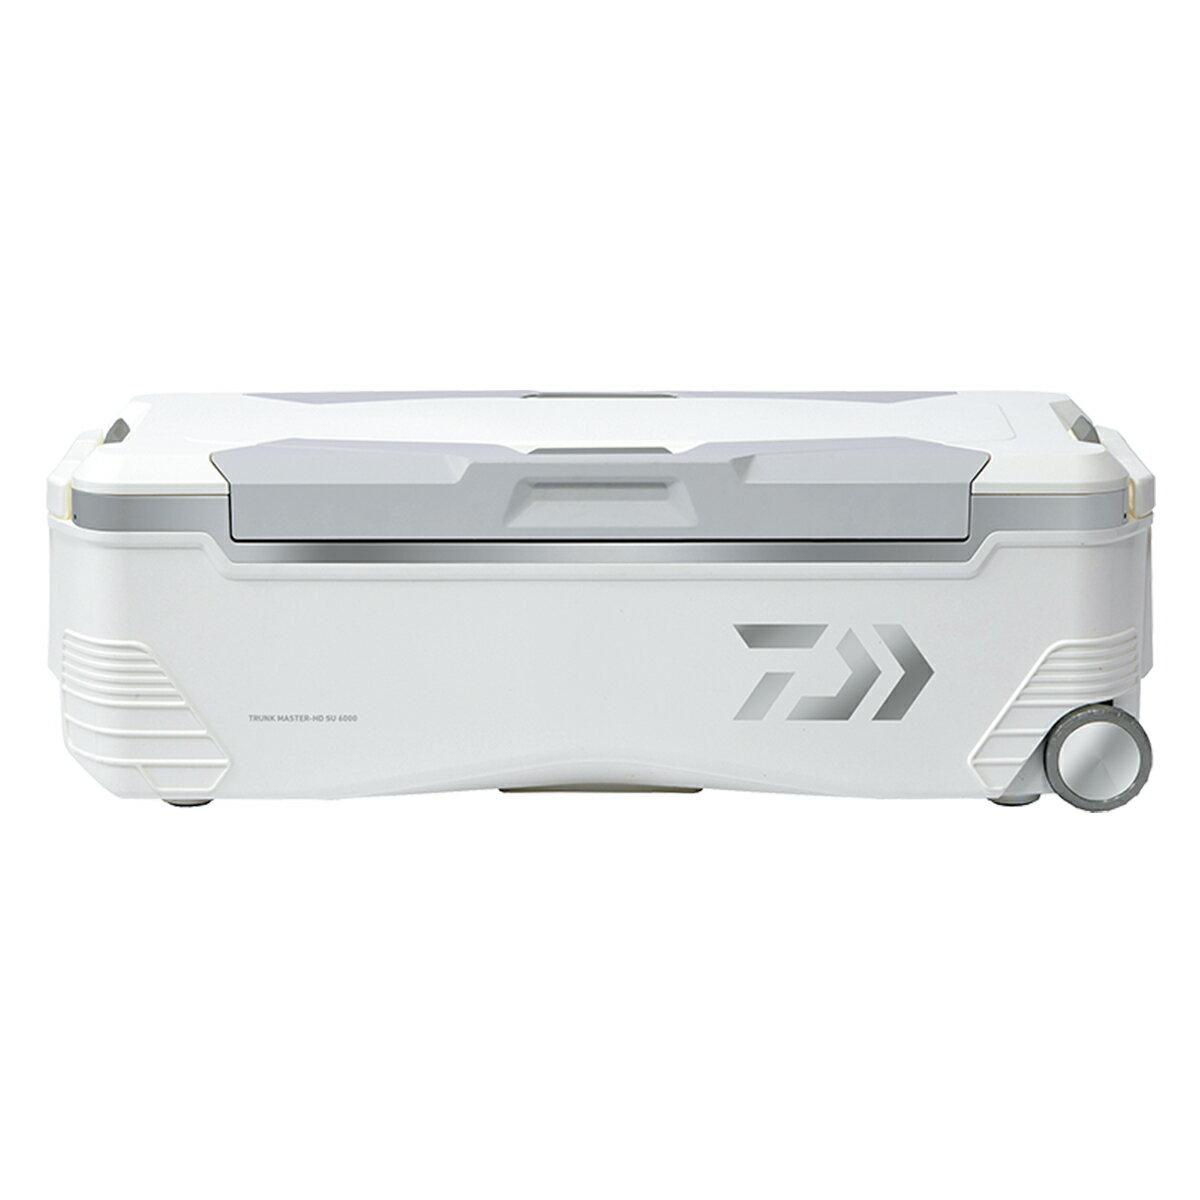 ダイワ トランクマスターHD SU 6000 シルバー クーラーボックス【大型商品】